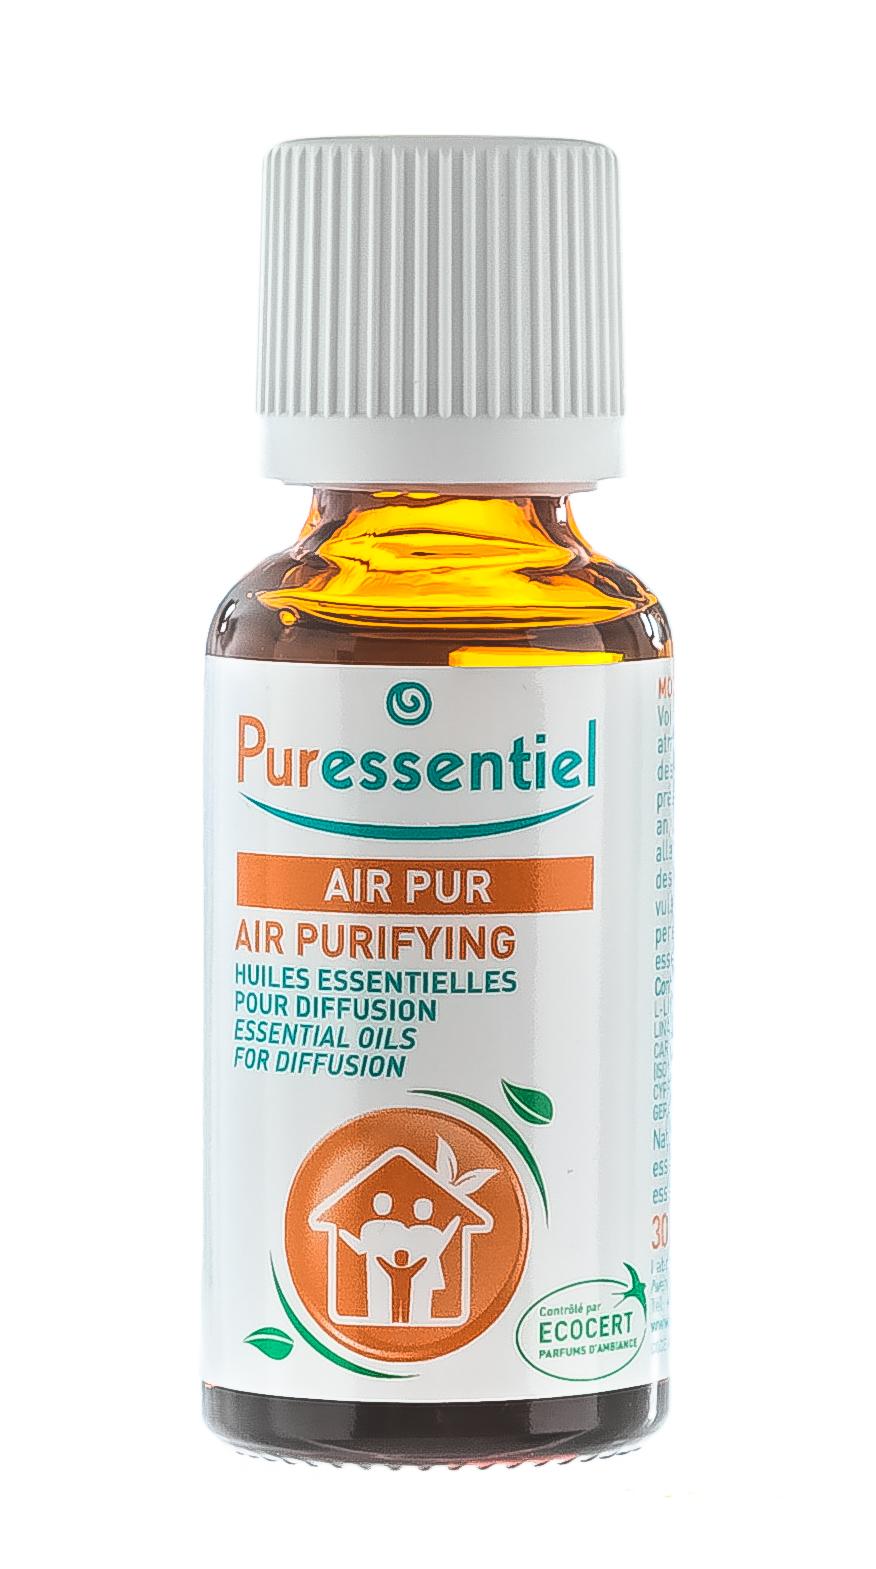 Купить Puressentiel Комплекс эфирных масел чистый воздух, 30 мл (Puressentiel, Отдых и Релакс)